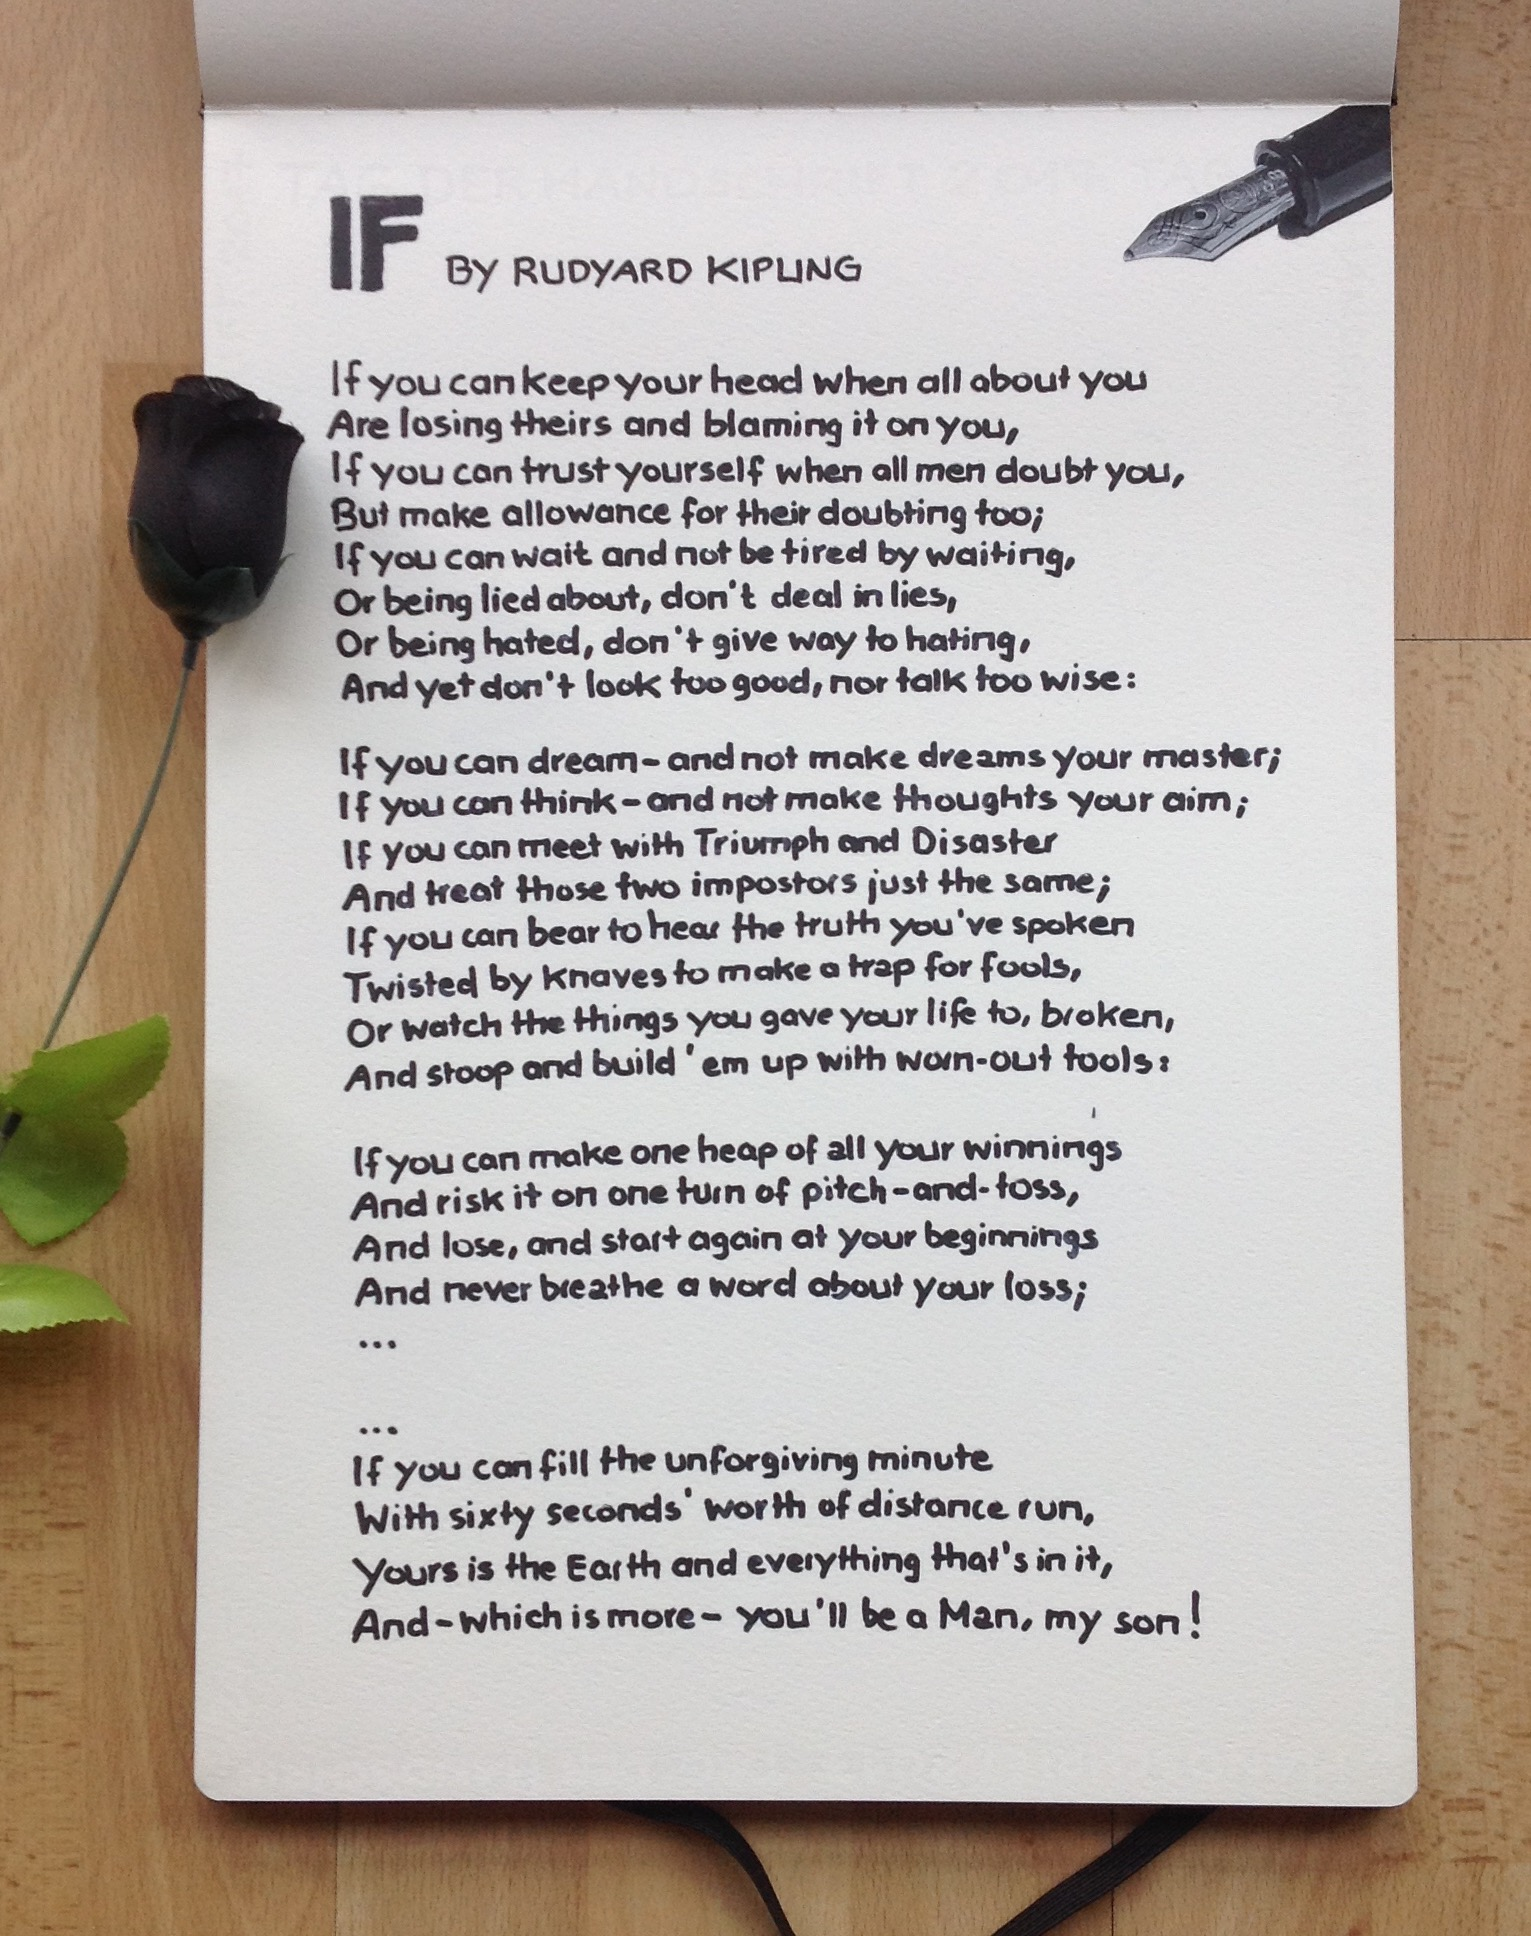 My favorite poem